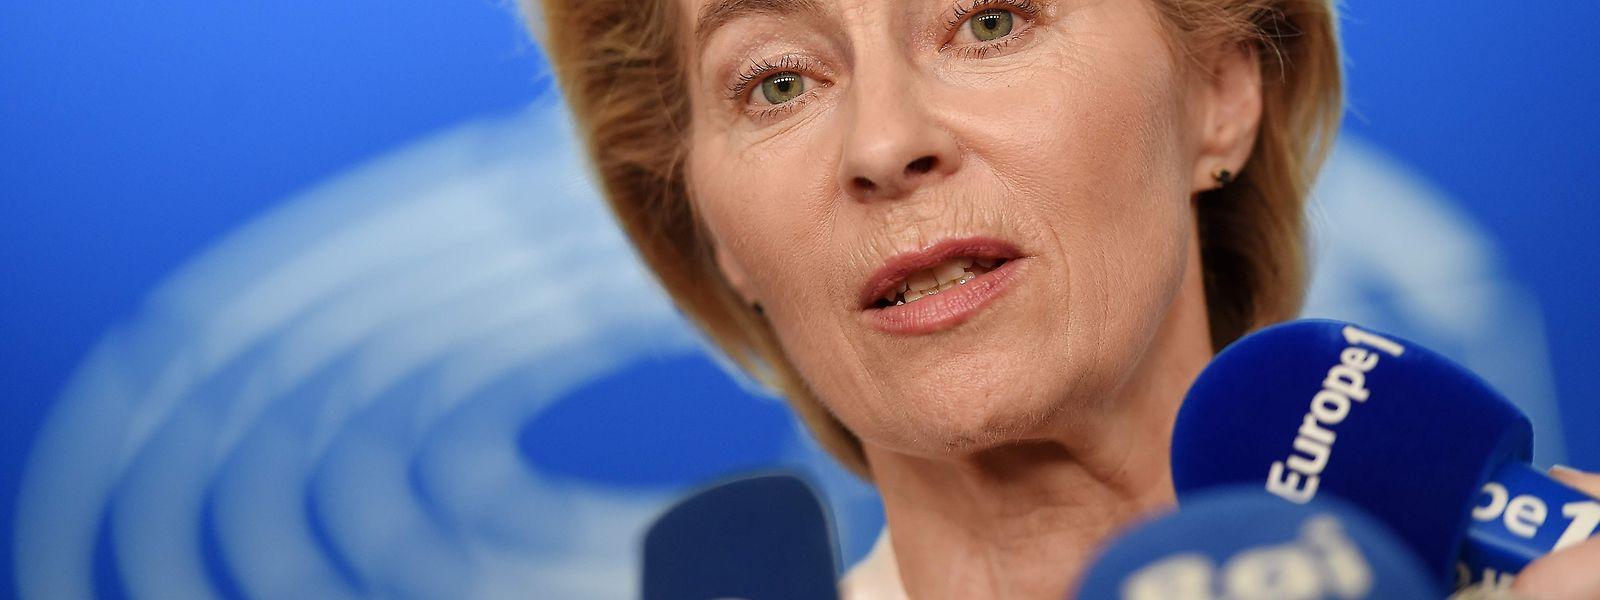 Ursula von der Leyen steht der EU-Kommission vor